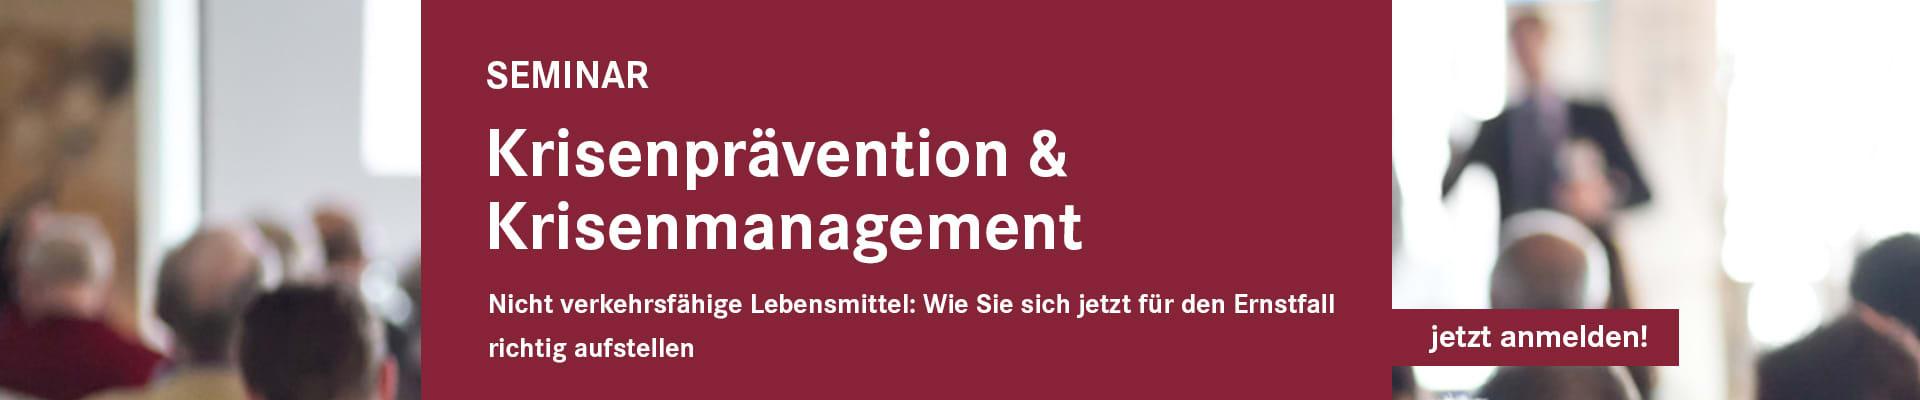 Krisenprävention & Krisenmanagement 7206-00